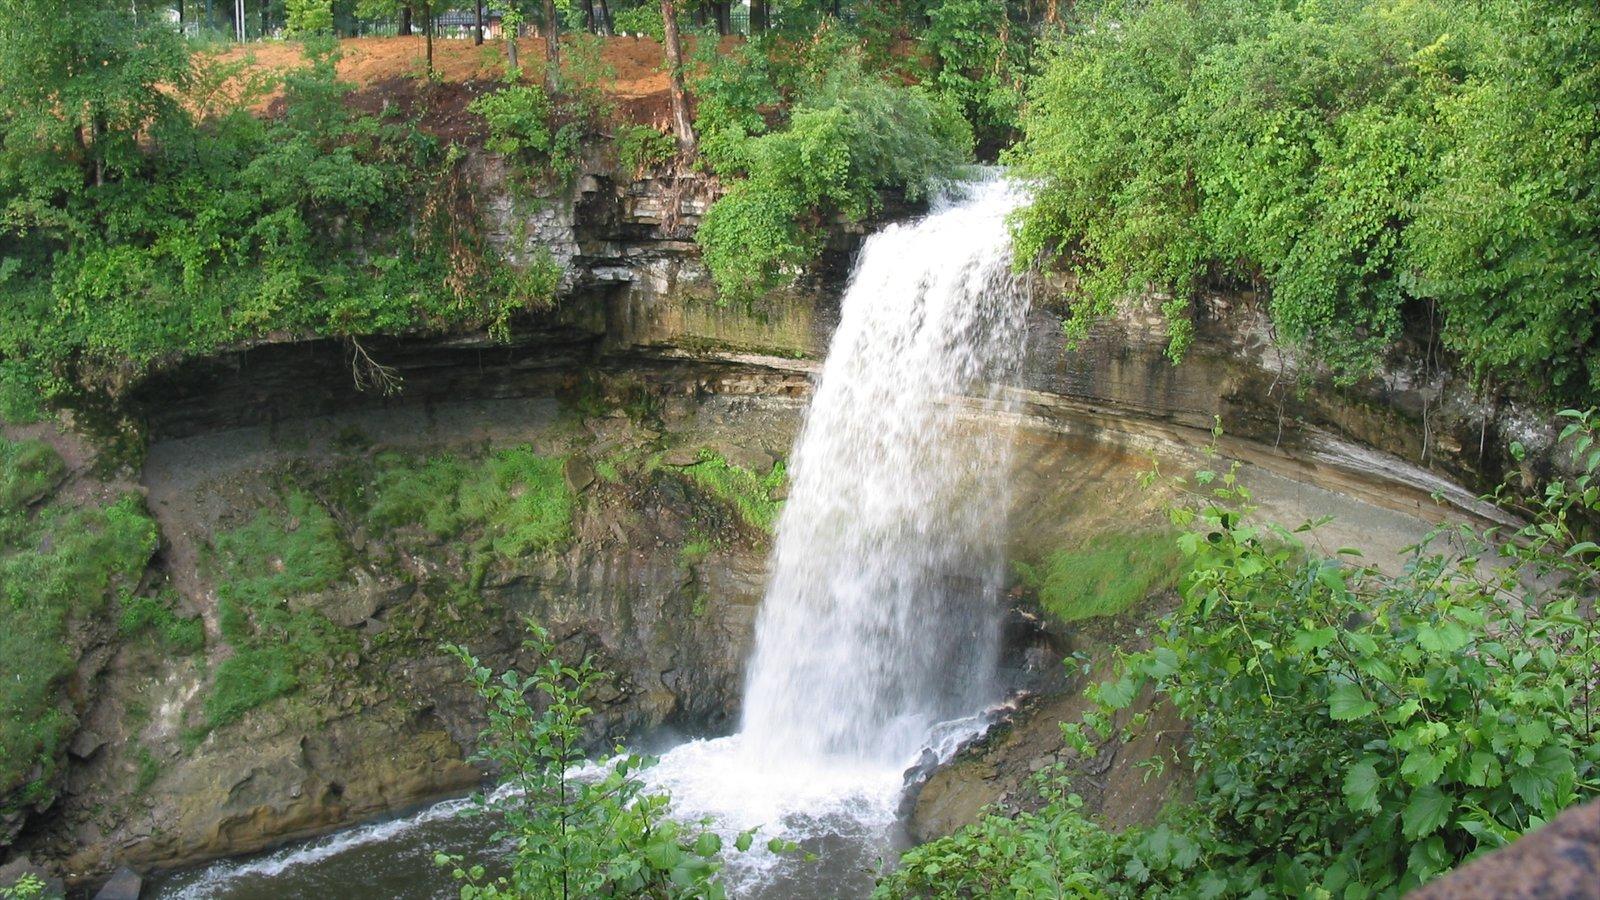 Minnehaha Park caracterizando um jardim e uma cachoeira